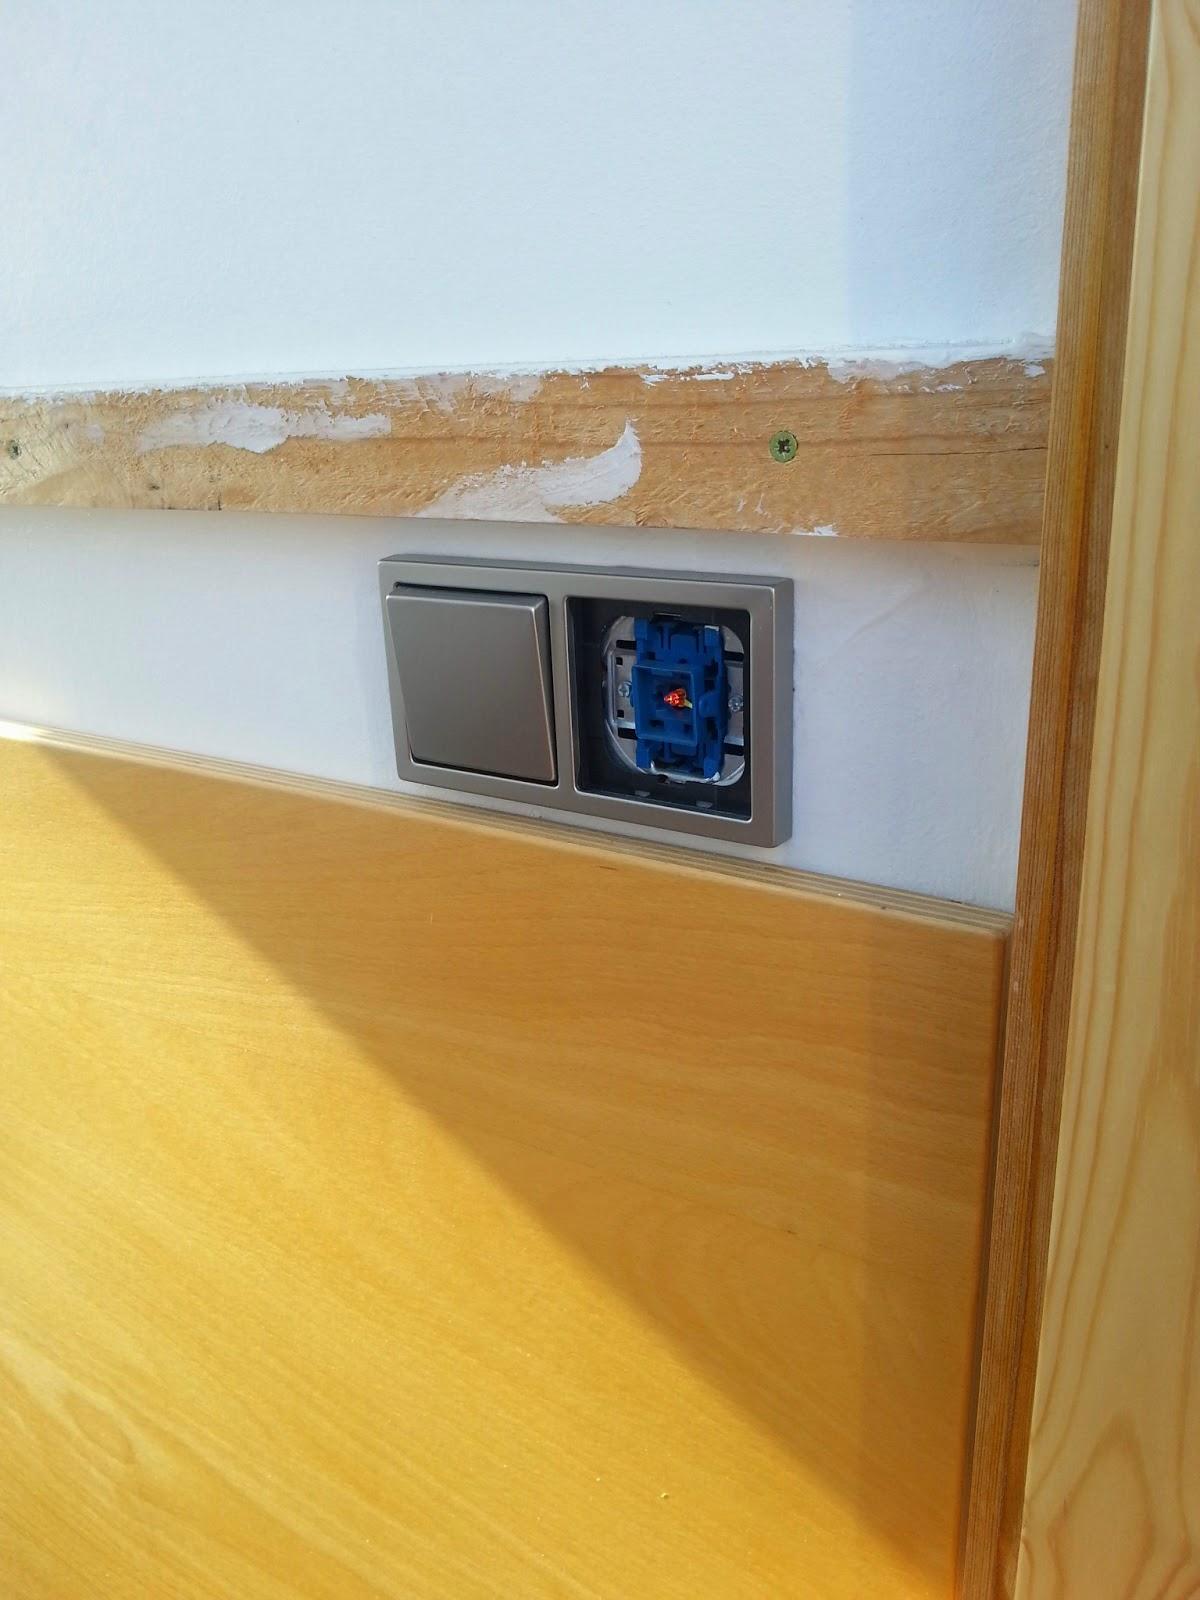 mopsis baublog letzte wippe mit beleuchtung ist jetzt auch da. Black Bedroom Furniture Sets. Home Design Ideas